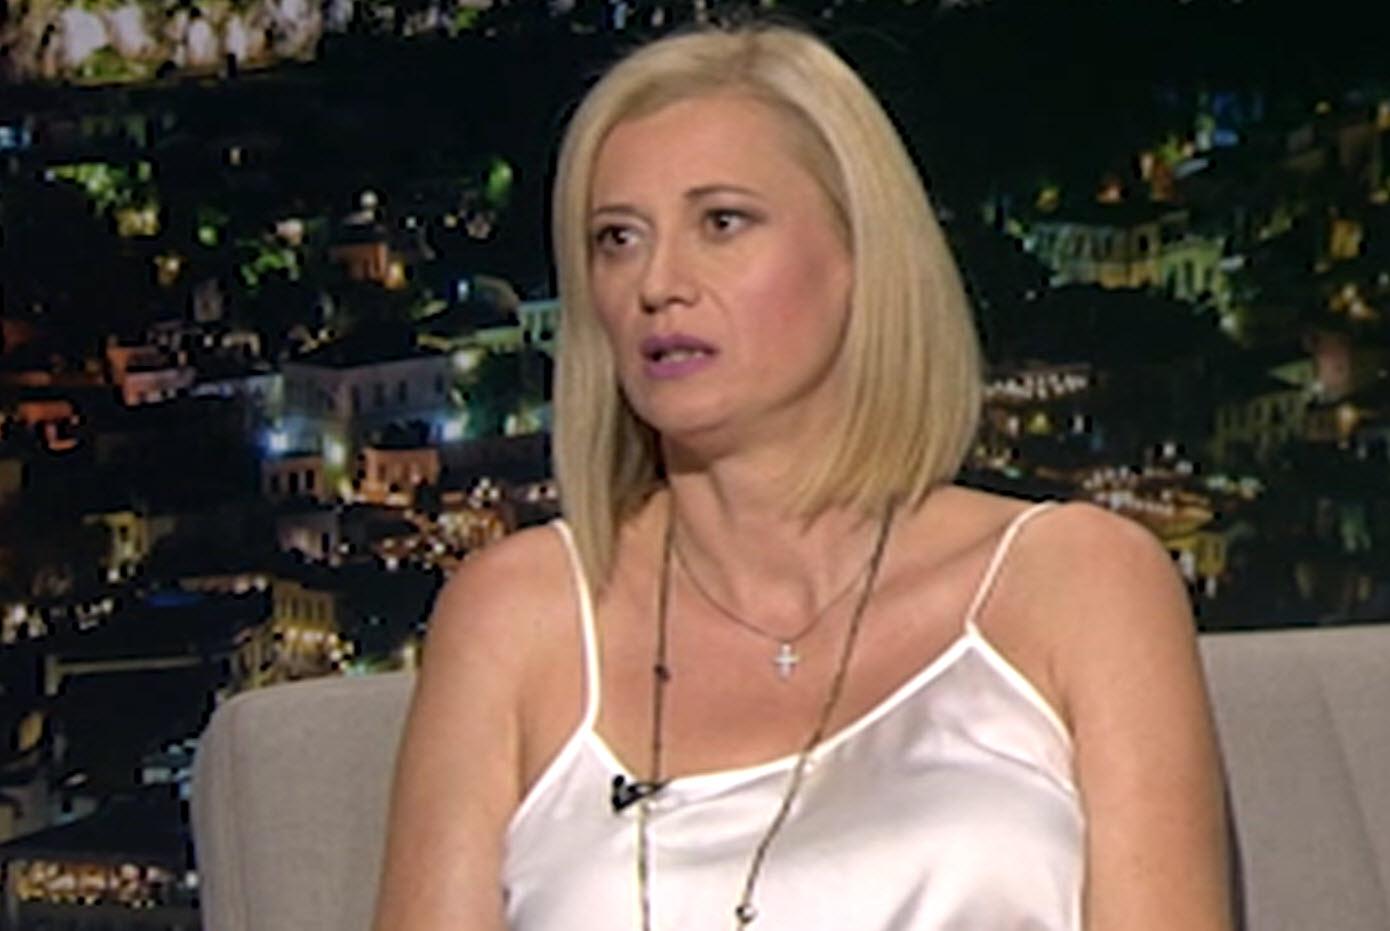 Η Ραχήλ Μακρή μιλά για τη συμμετοχή της στο J2Us και τα παρατράγουδα με Τσίπρα και Κωντσταντοπούλου (video)